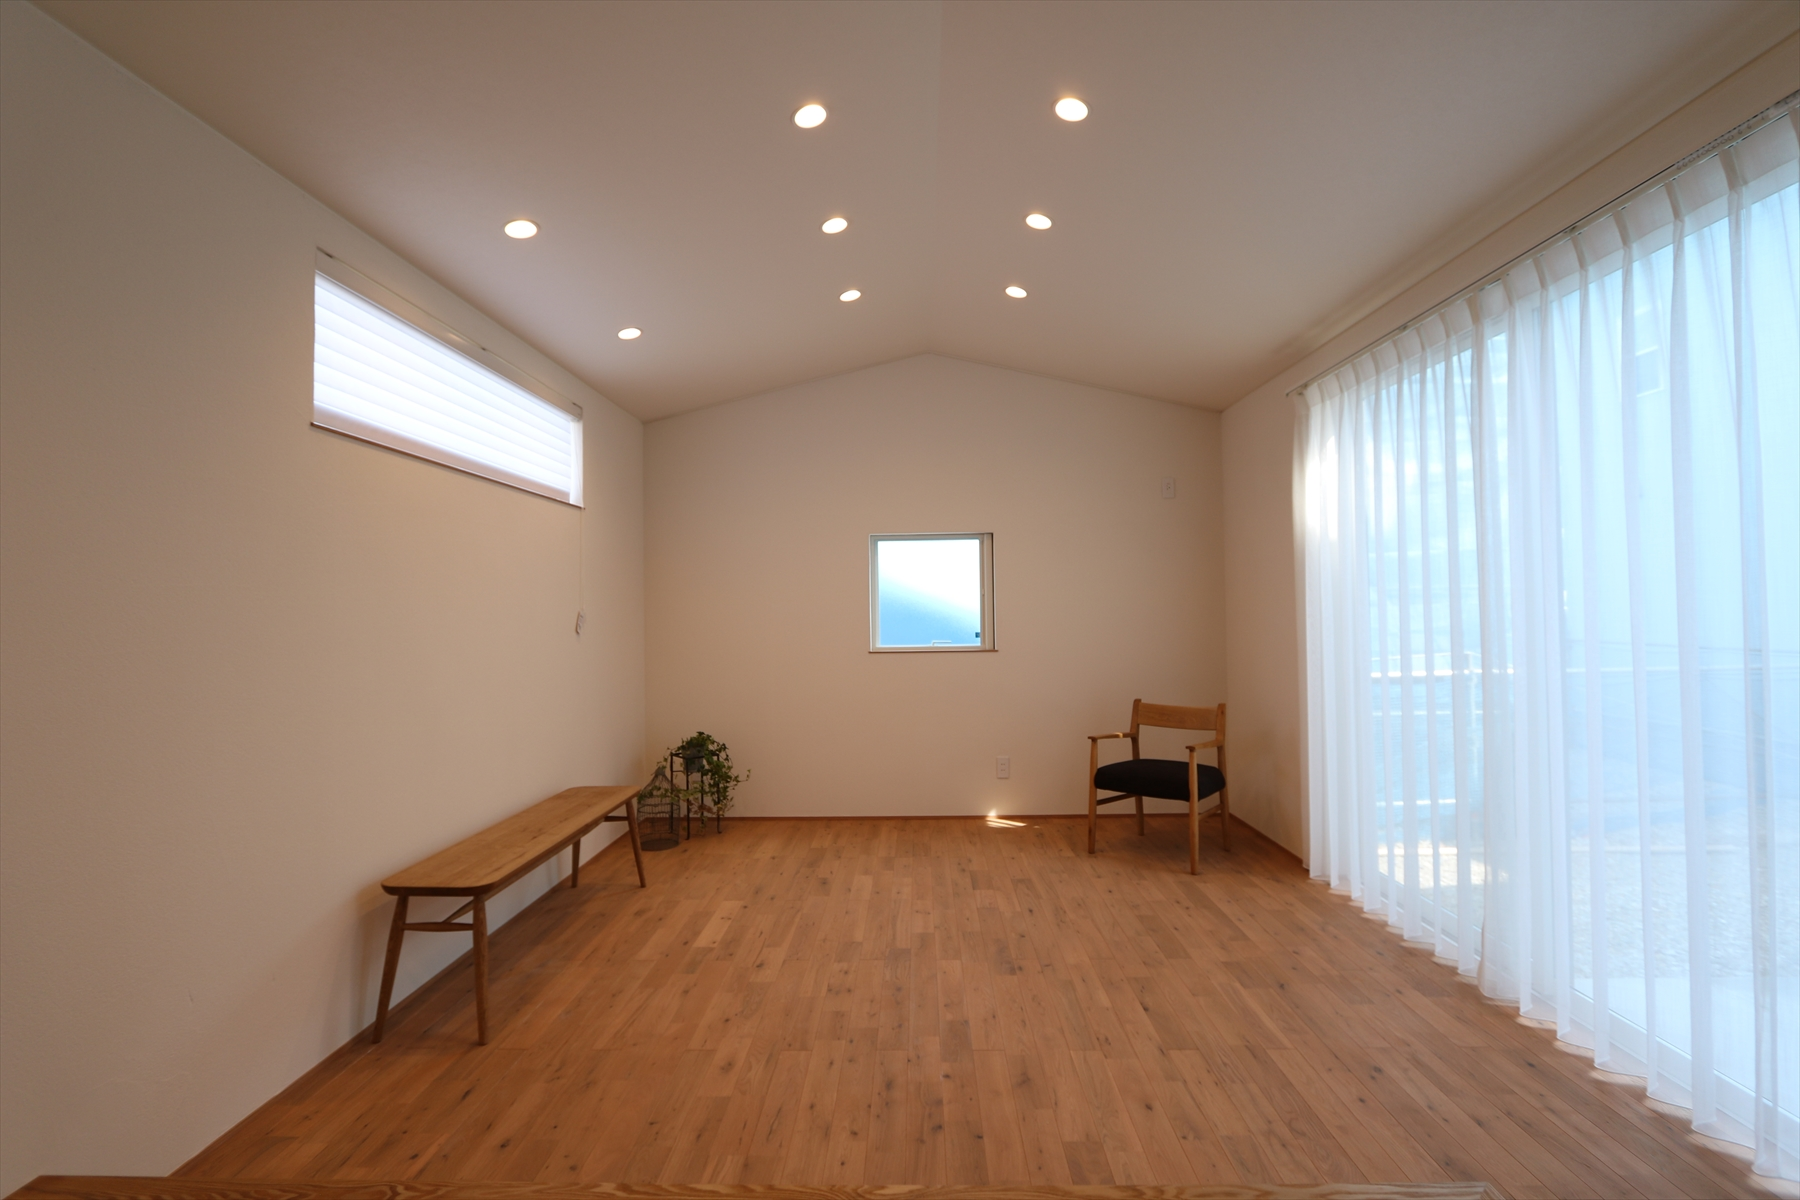 ナチュラルかわいいシンプルモダンの家|石川県金沢市の注文住宅・デザイン性・新築の家・戸建て|E-HOUSE